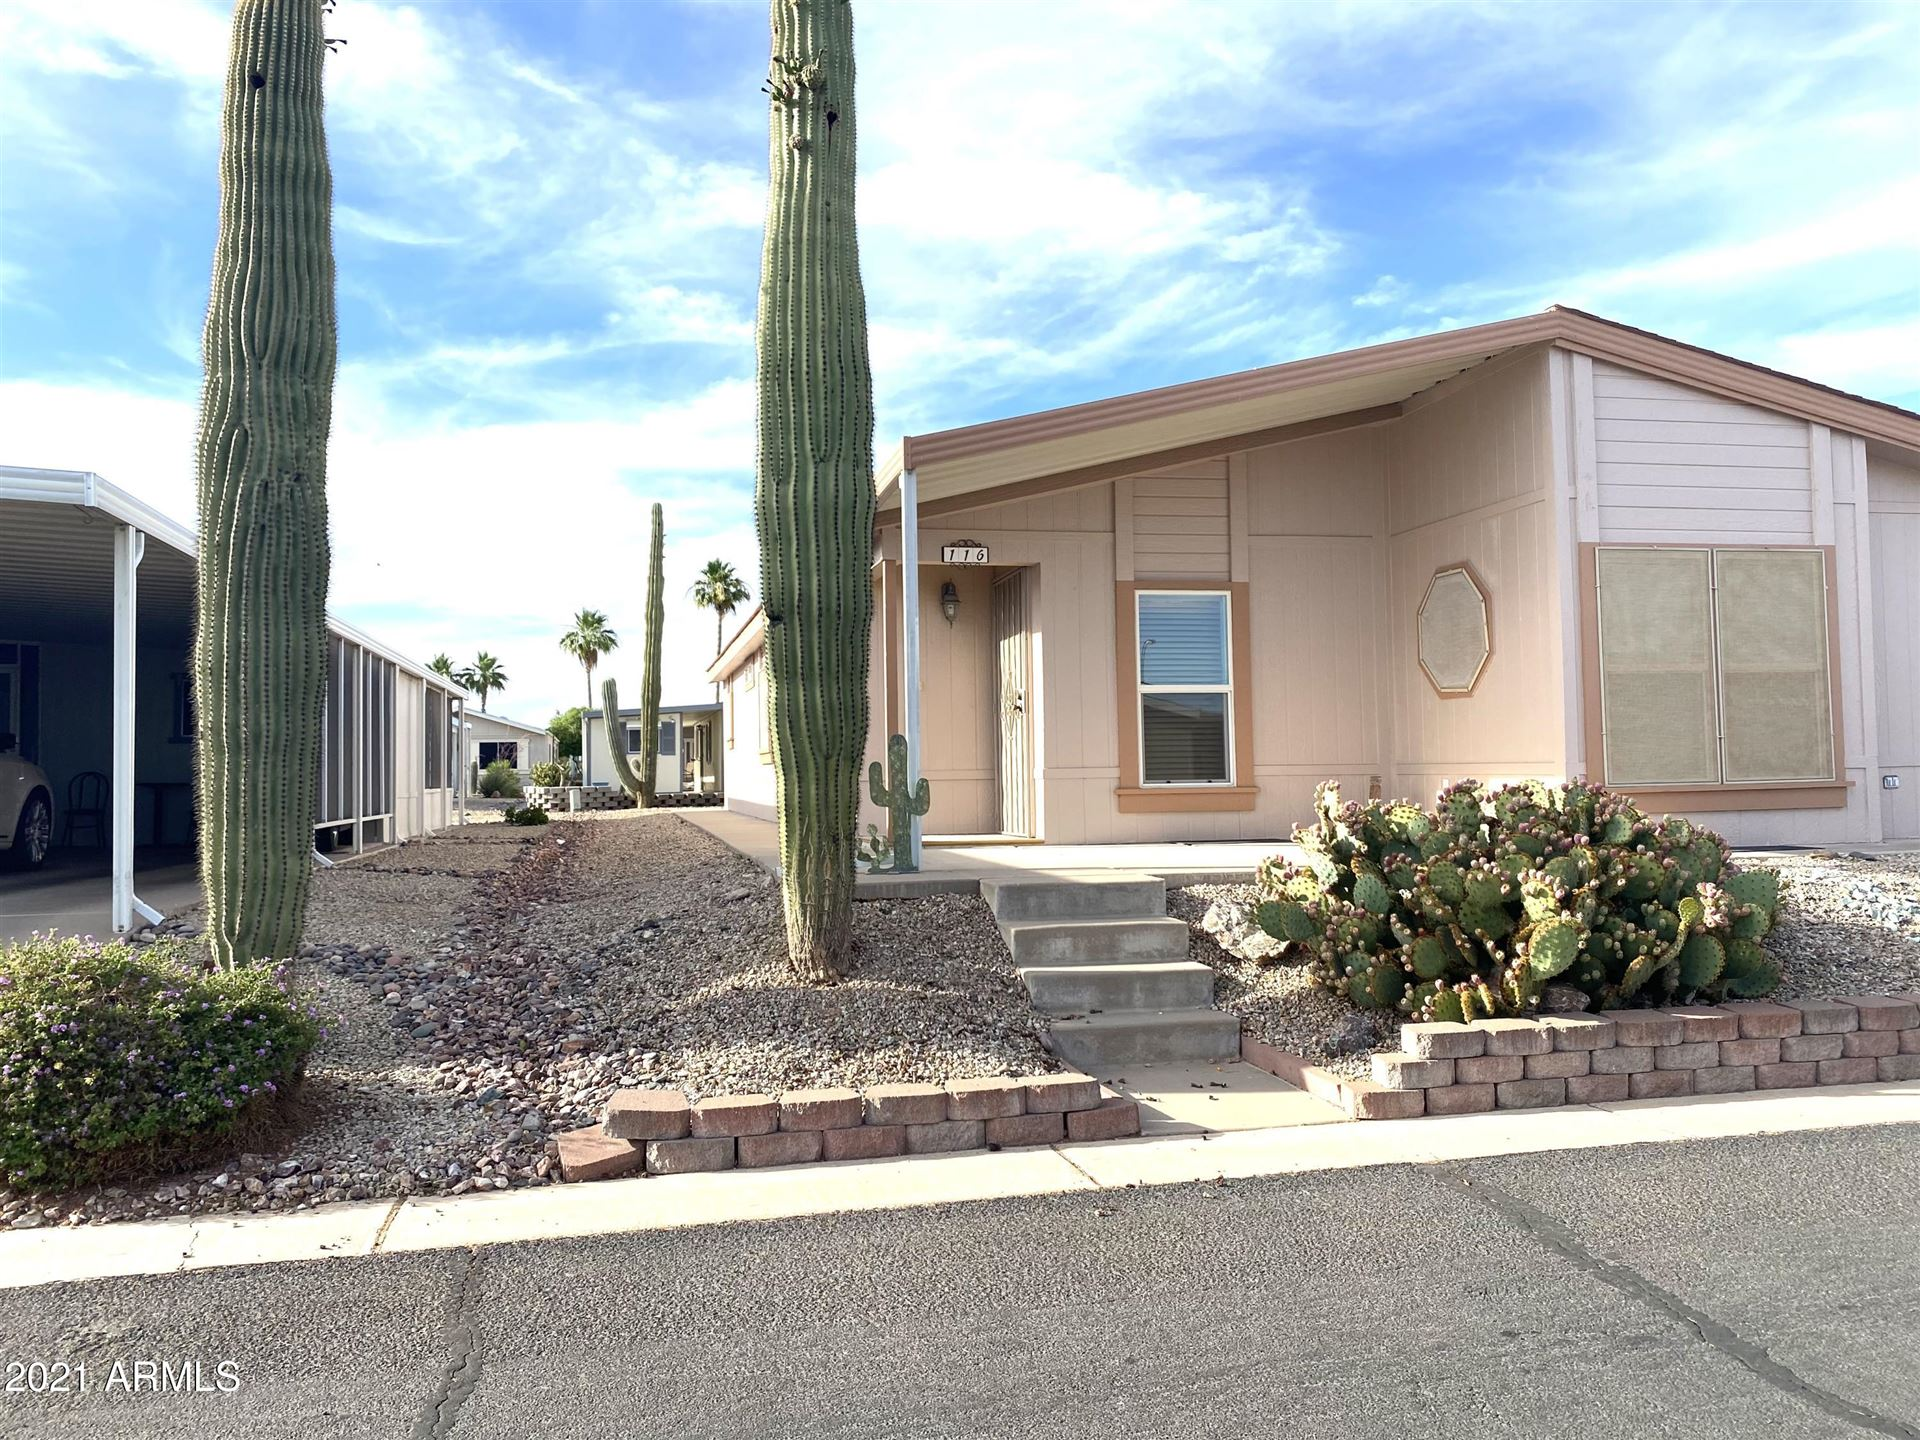 2400 E BASELINE Avenue #116, Apache Junction, AZ 85119 - MLS#: 6249585